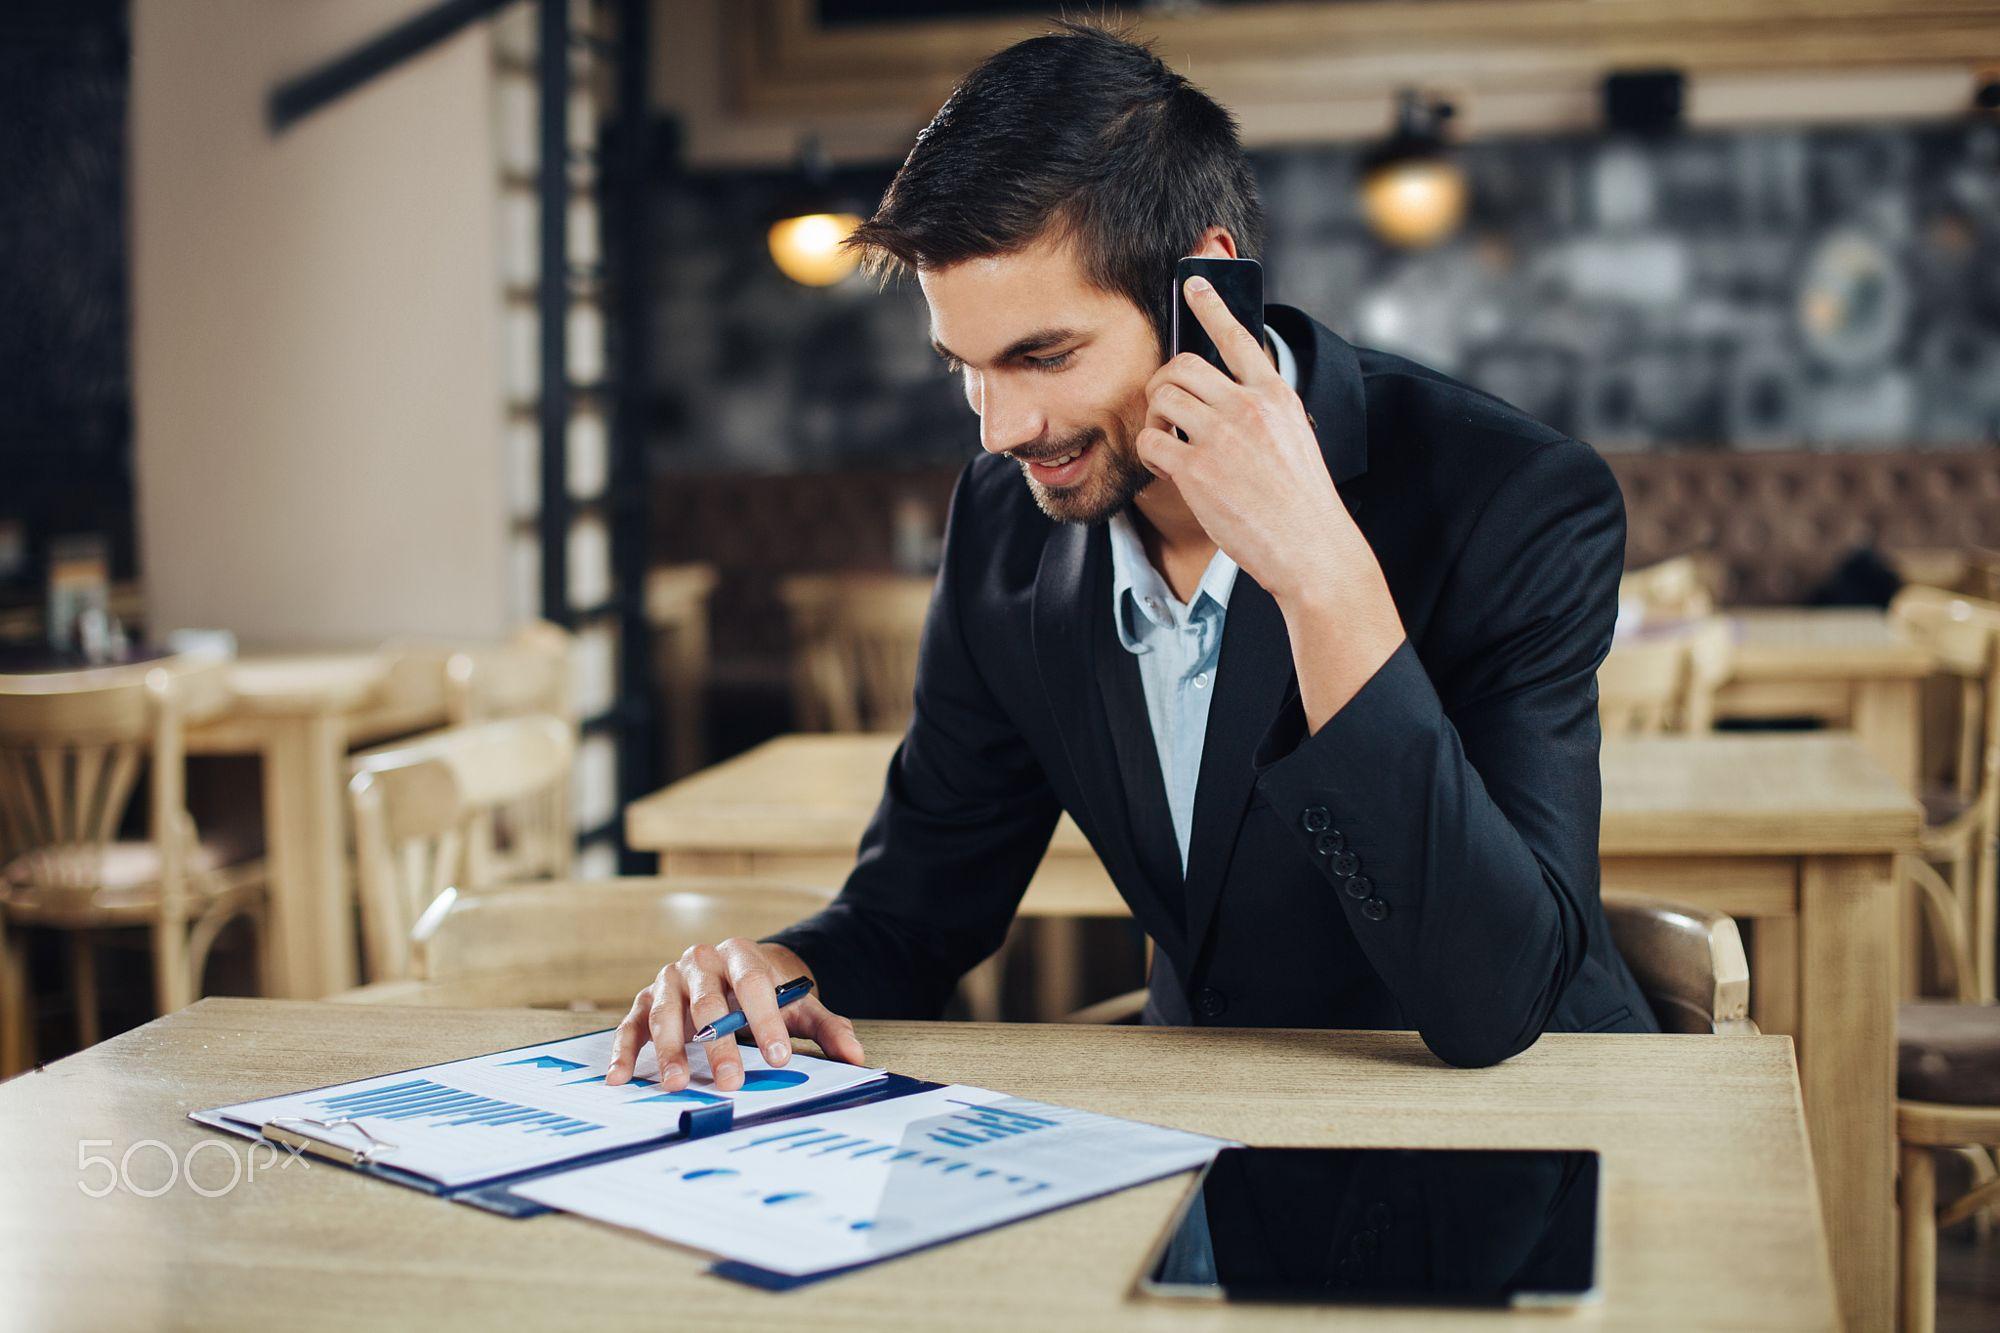 Cand compania ta trebuie sa apeleze la o firma de recuperare creante?